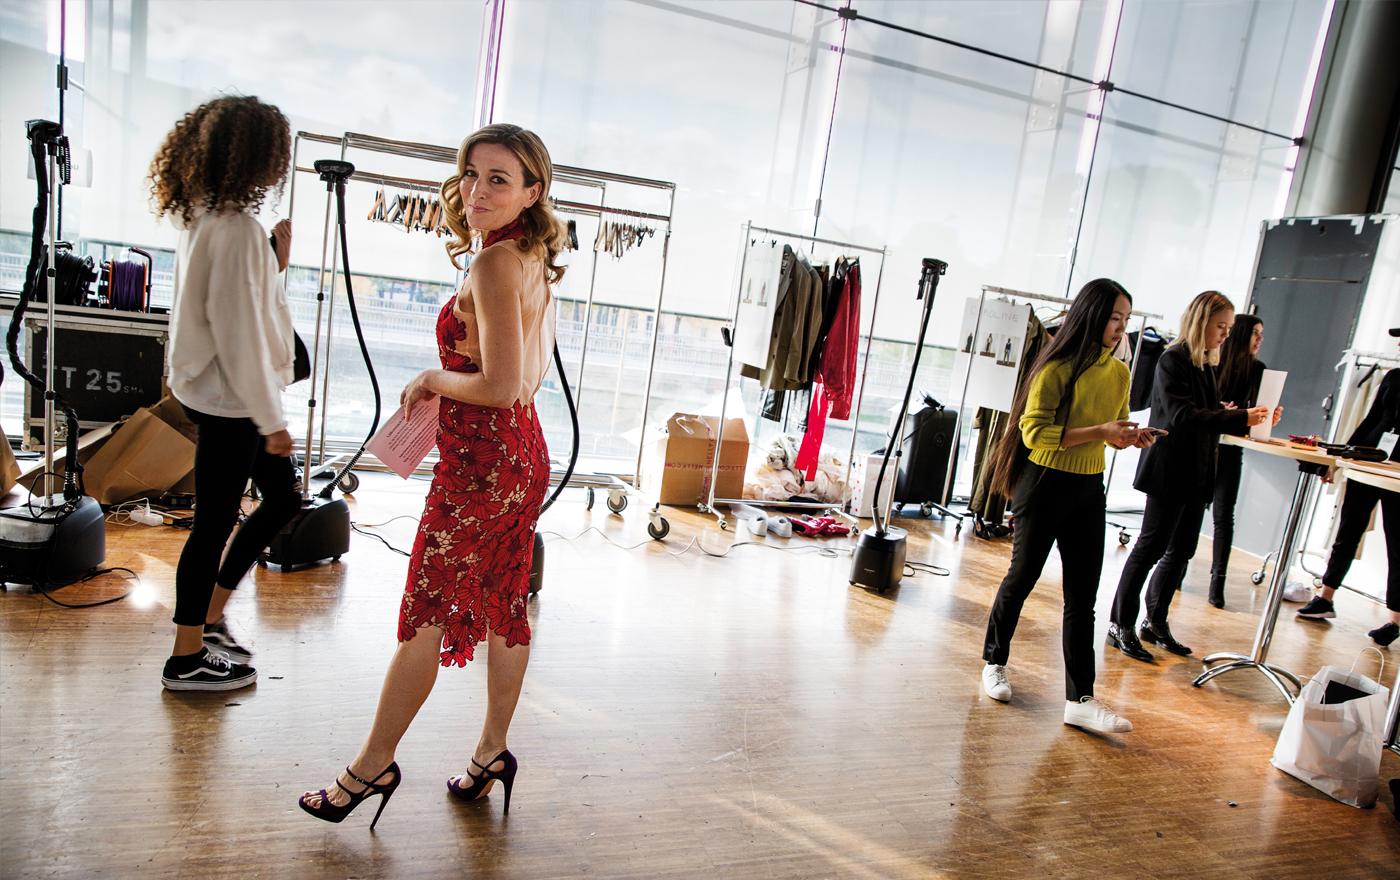 Bakom scenen på Sweden Fashion and Beauty Day pågår förberedelserna. Martina har på sig den första av de fem klänningar hon kommer att bära under dagen.